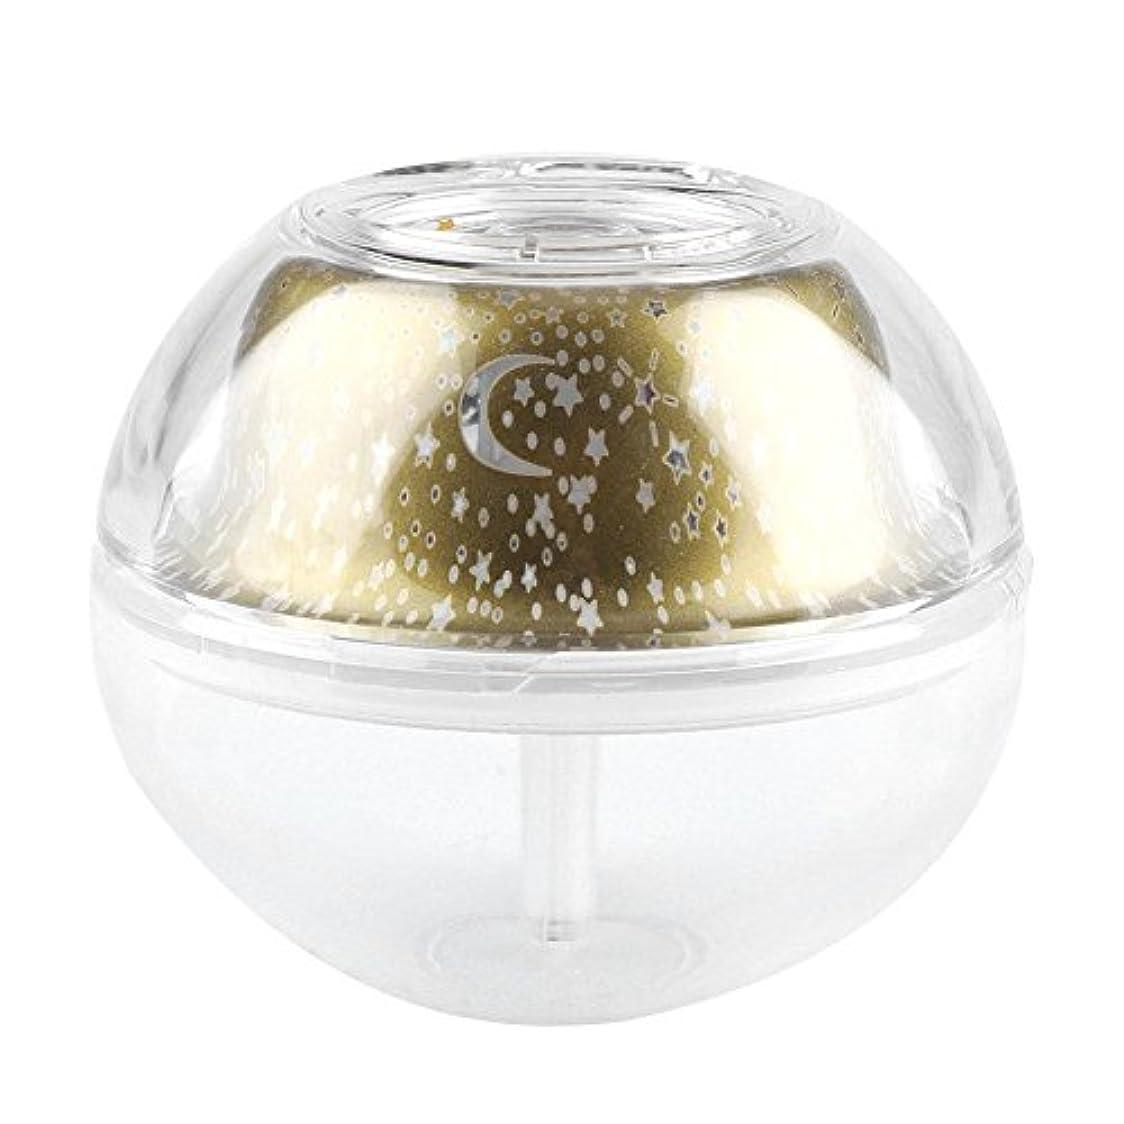 中絶摂動ゴネリルプロジェクションディフューザー、USB充電式スーパーミニ超音波加湿器ディフューザープロジェクションナイトライト(ゴールデン)